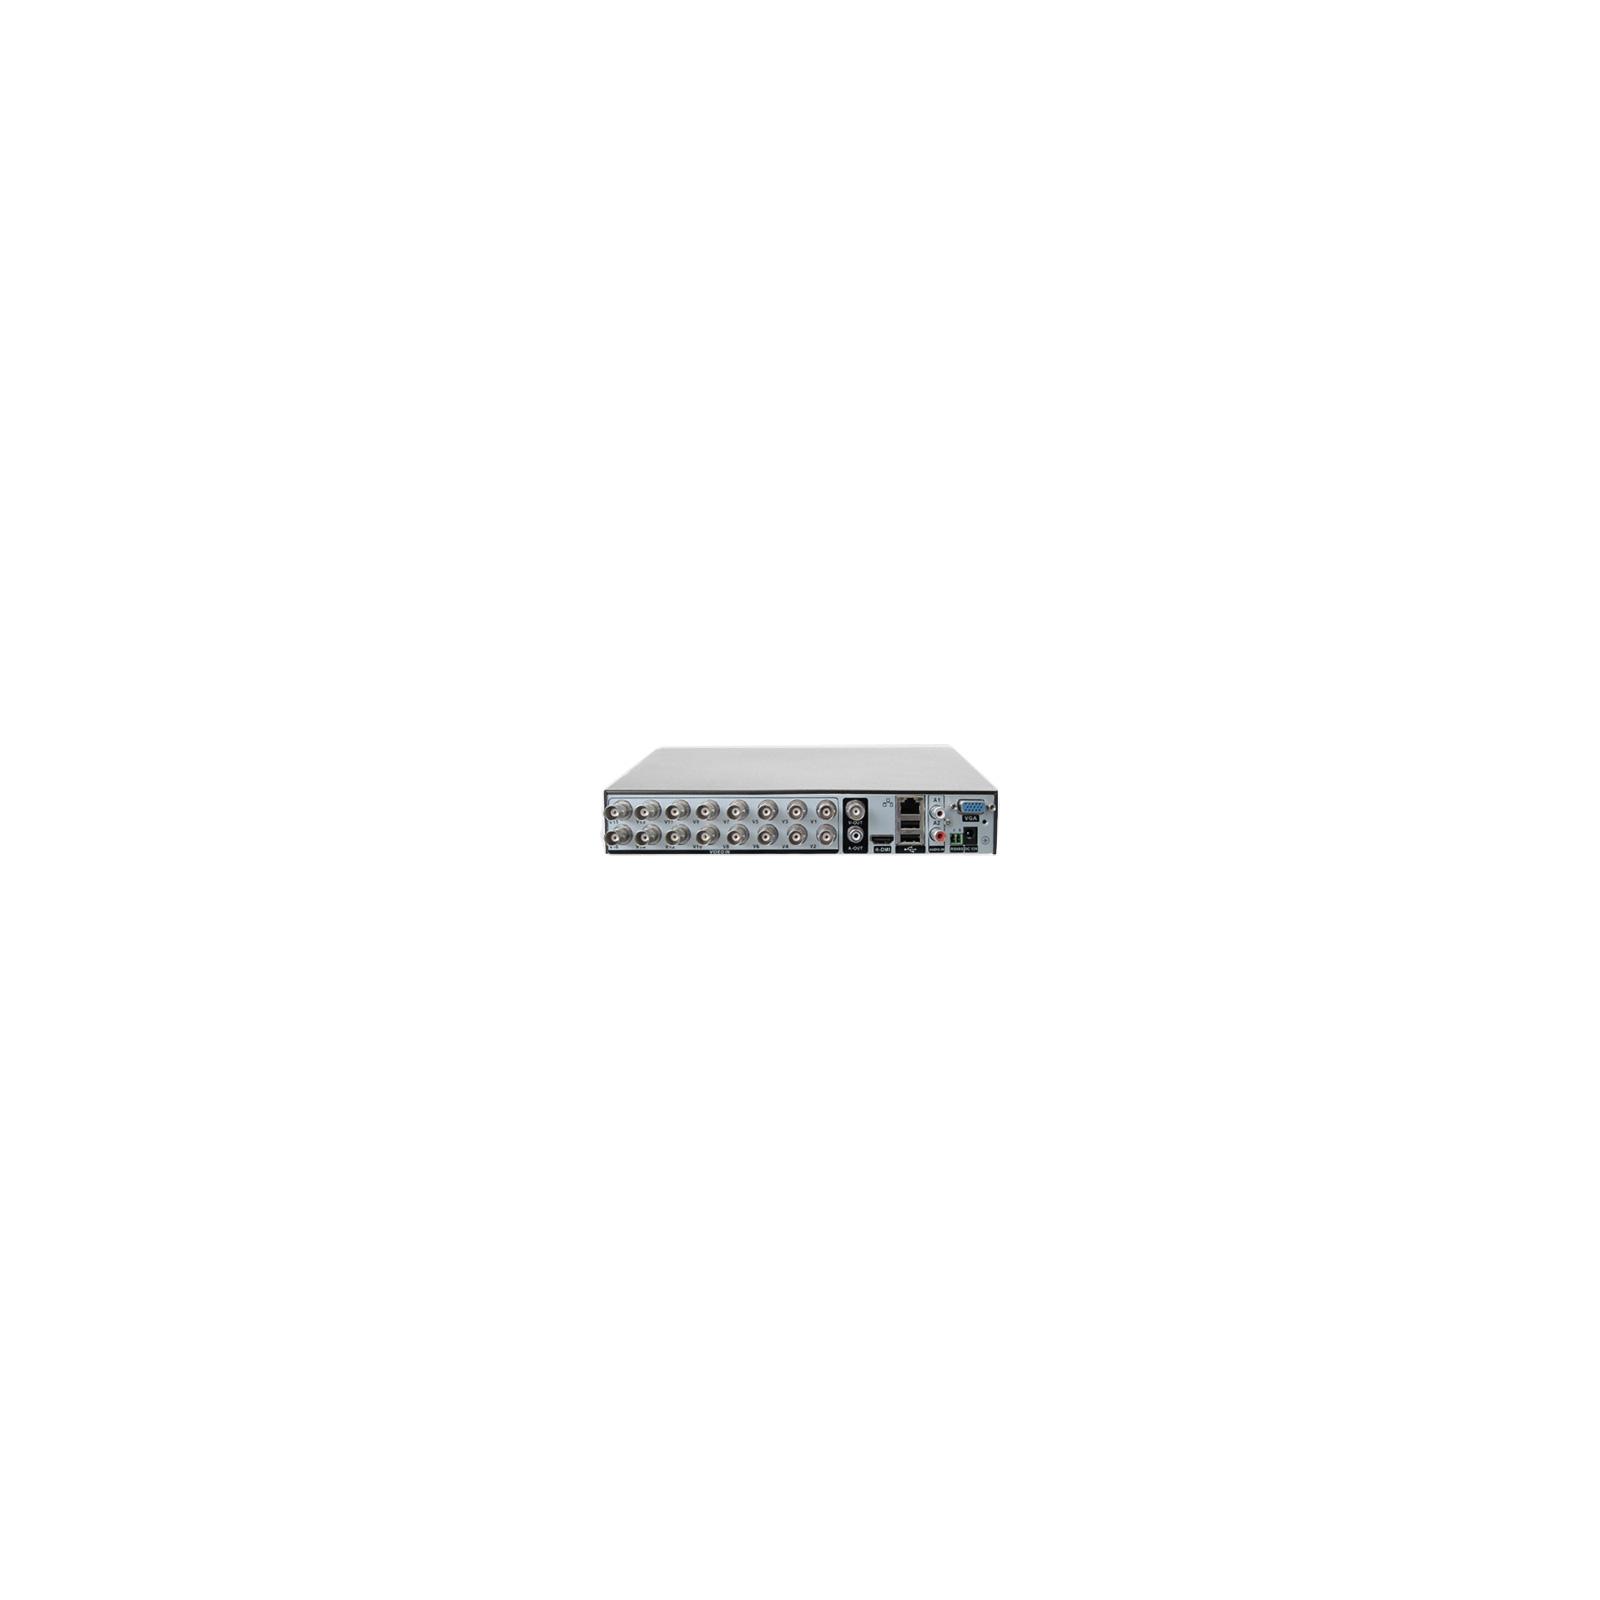 Регистратор для видеонаблюдения Tecsar B162-4D4P-H изображение 2